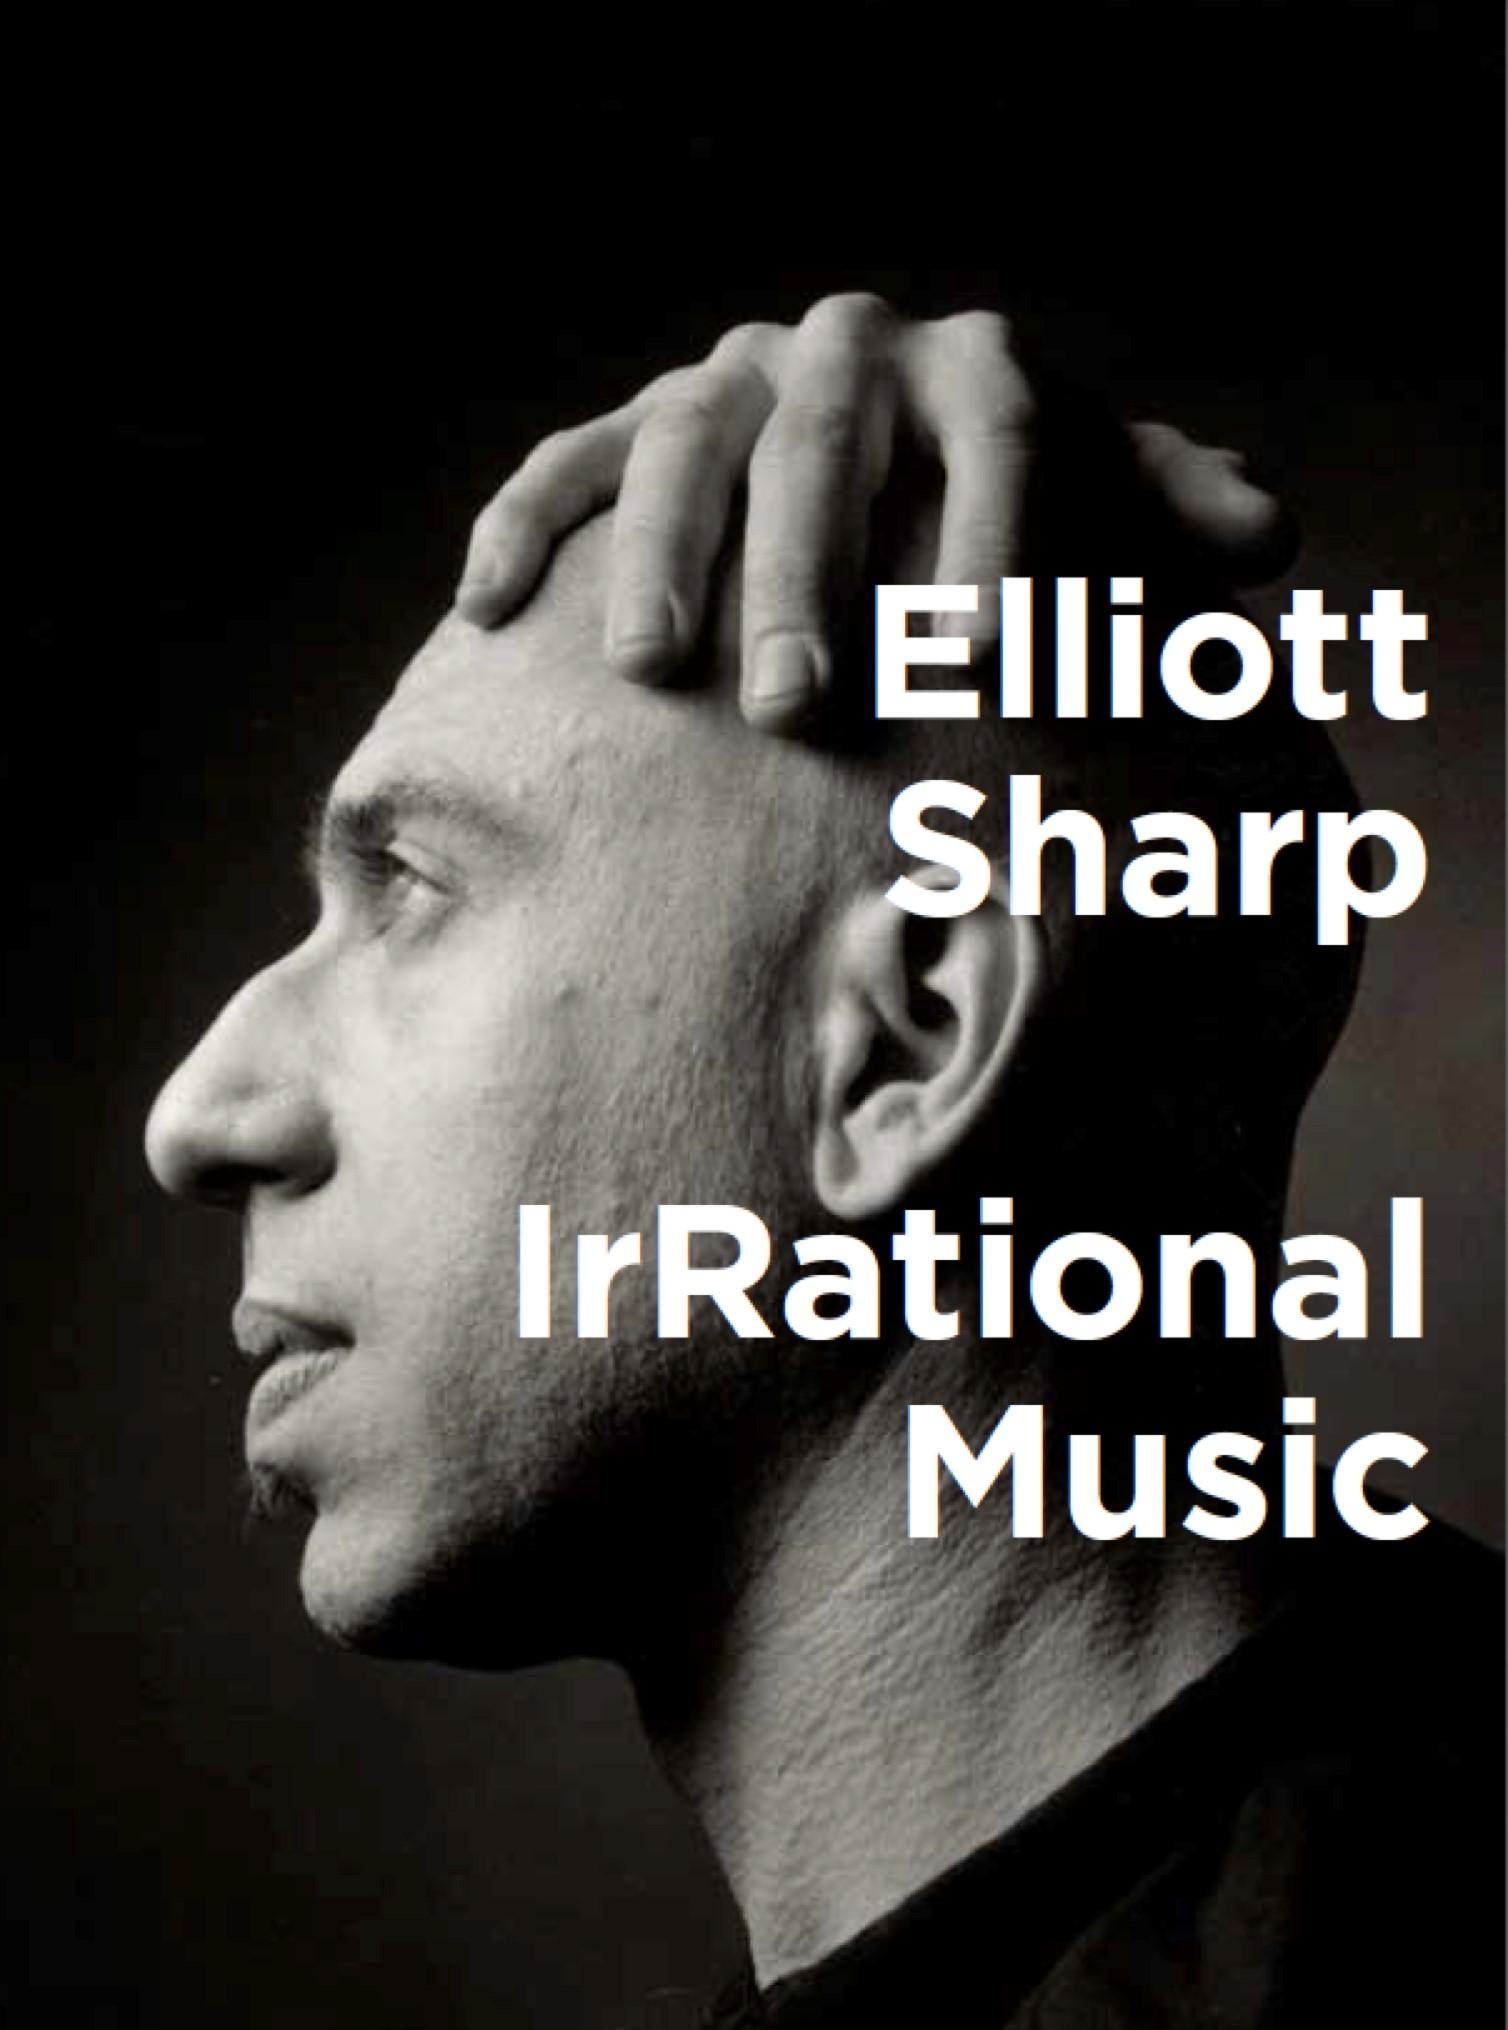 The cover of Ellliott Sharp's book IrRational Music